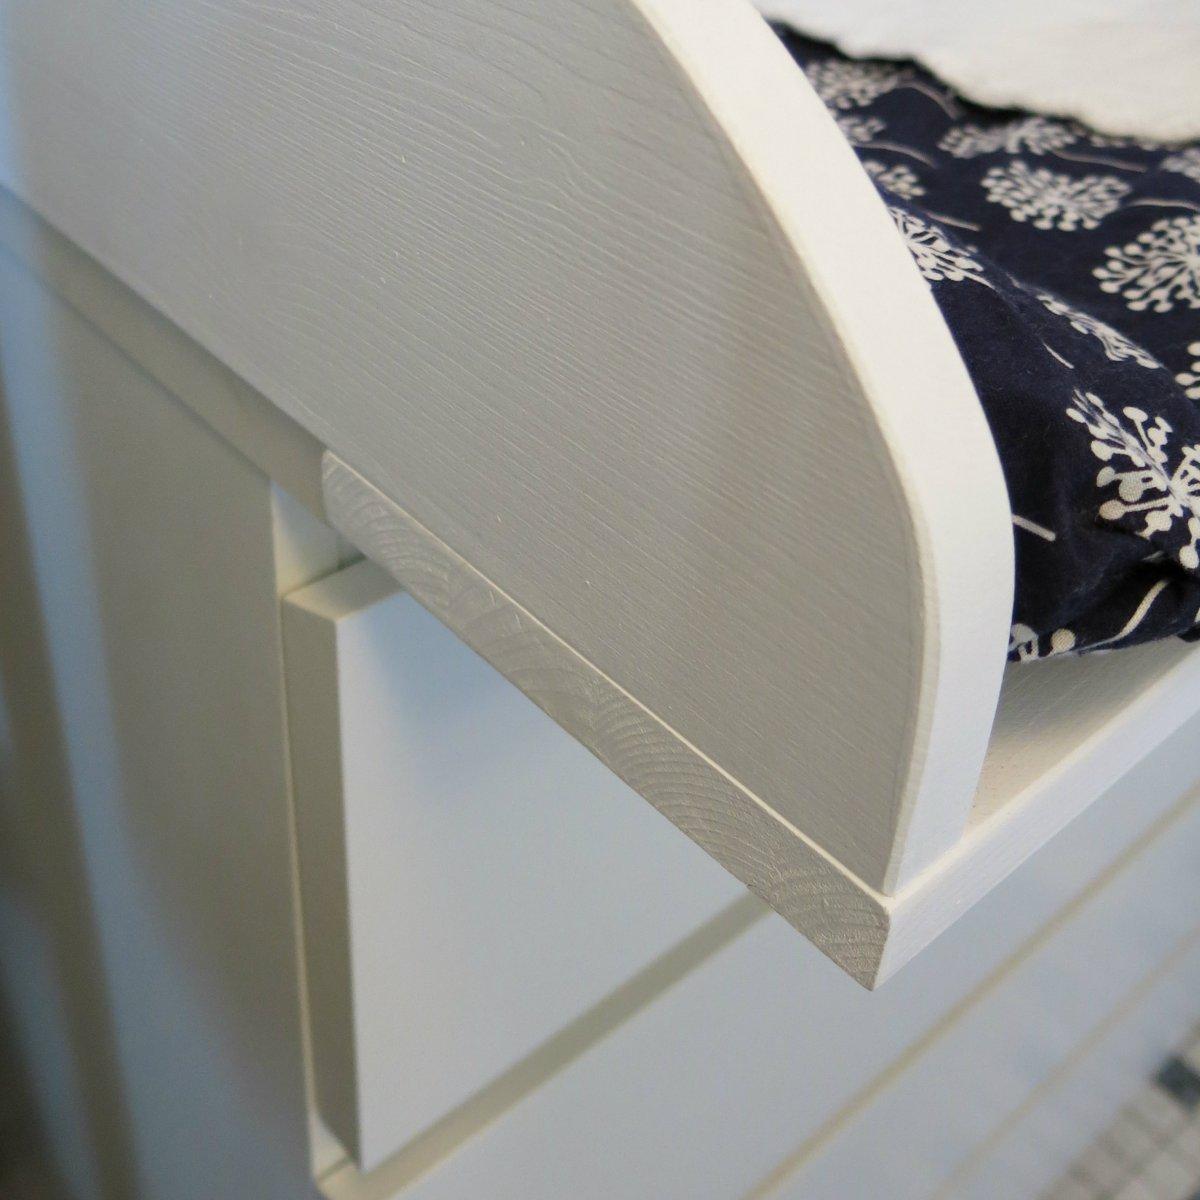 Die Ikea Malm-Kommode zur Wickelkommode umbauen